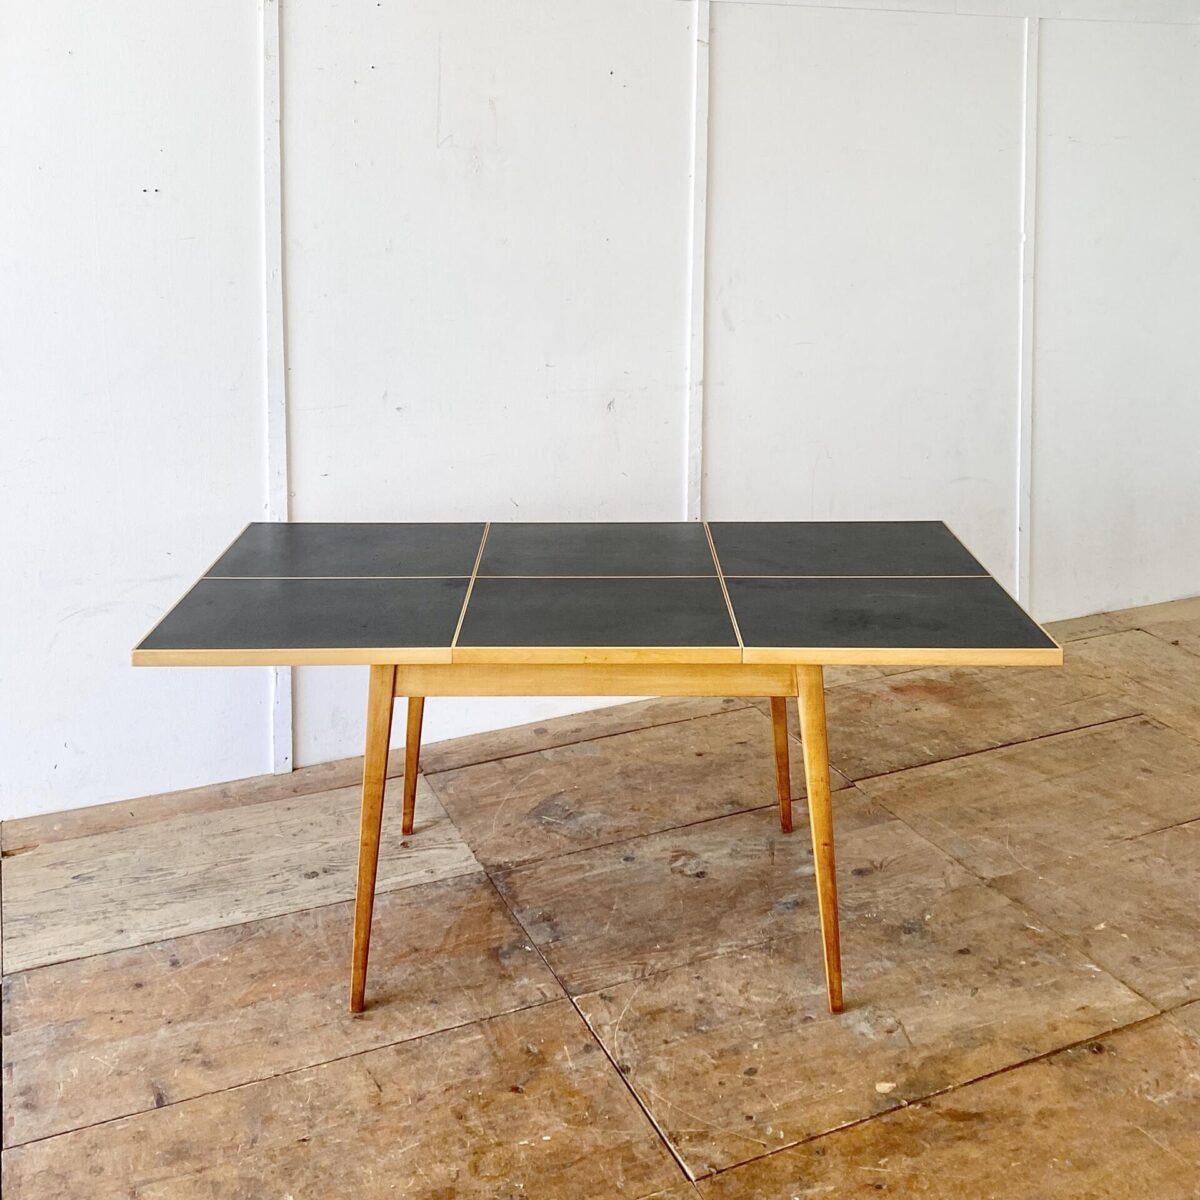 Deuxieme.shop Auszugtisch aus Ahornholz mit schwarzem Linoleum. 116.5x84.5cm Höhe 72.5cm Ausgezogen 170cm lang. Hersteller nicht ersichtlich, erinnert bisschen an den Hans Bellmann Tisch von horgenglarus, aus den 50er Jahren. Das Linoleum hat ein paar kleinere Hicke und Schrammen. Das Tischgestell mit Alterspatina ist teilweise frisch verleimt und stabil.